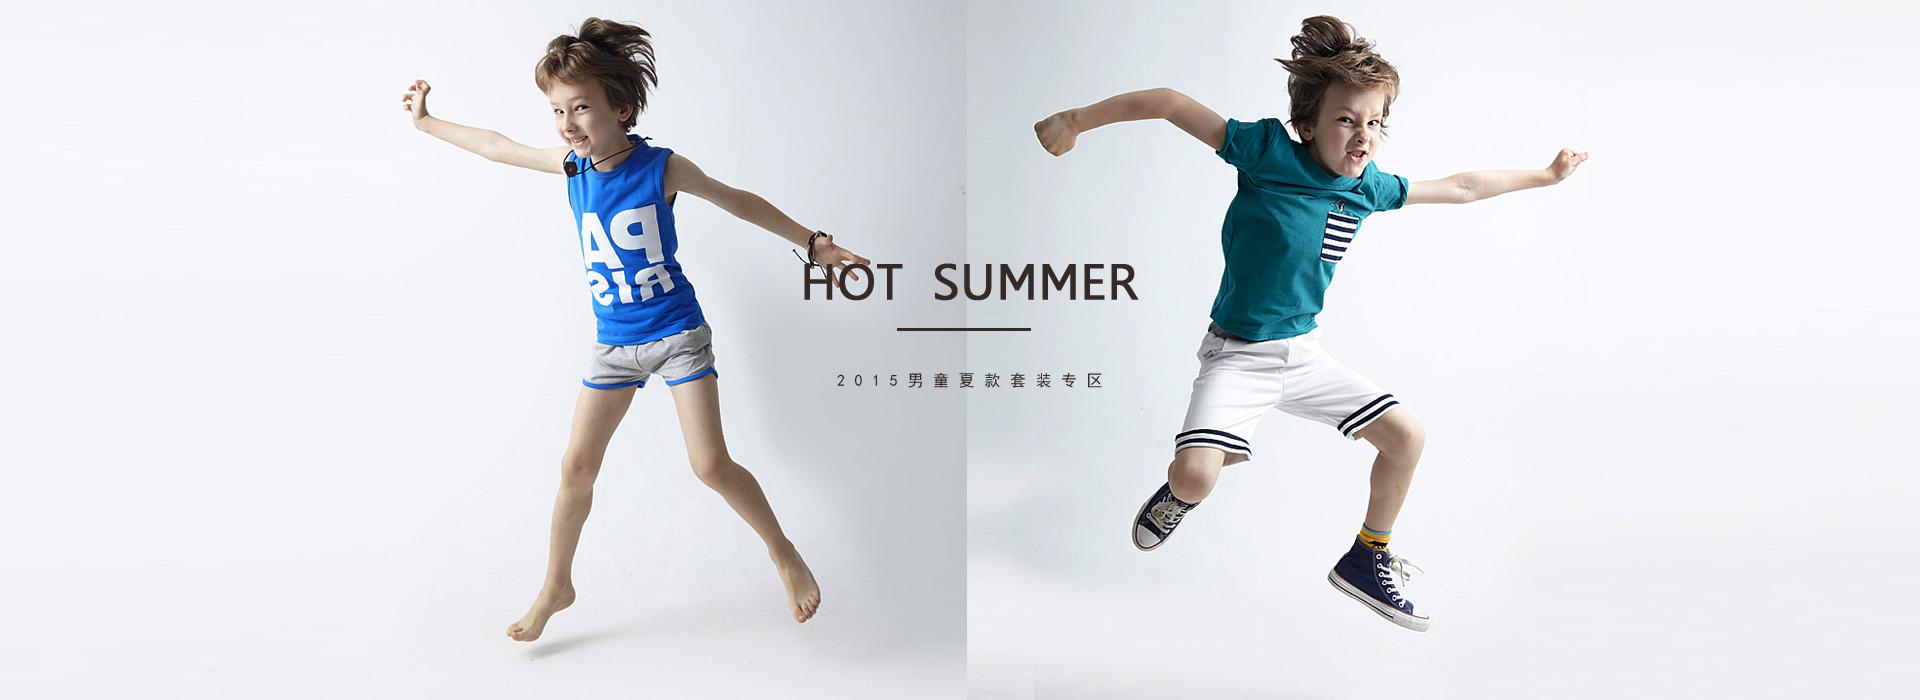 运动服装品牌创意广告词图片